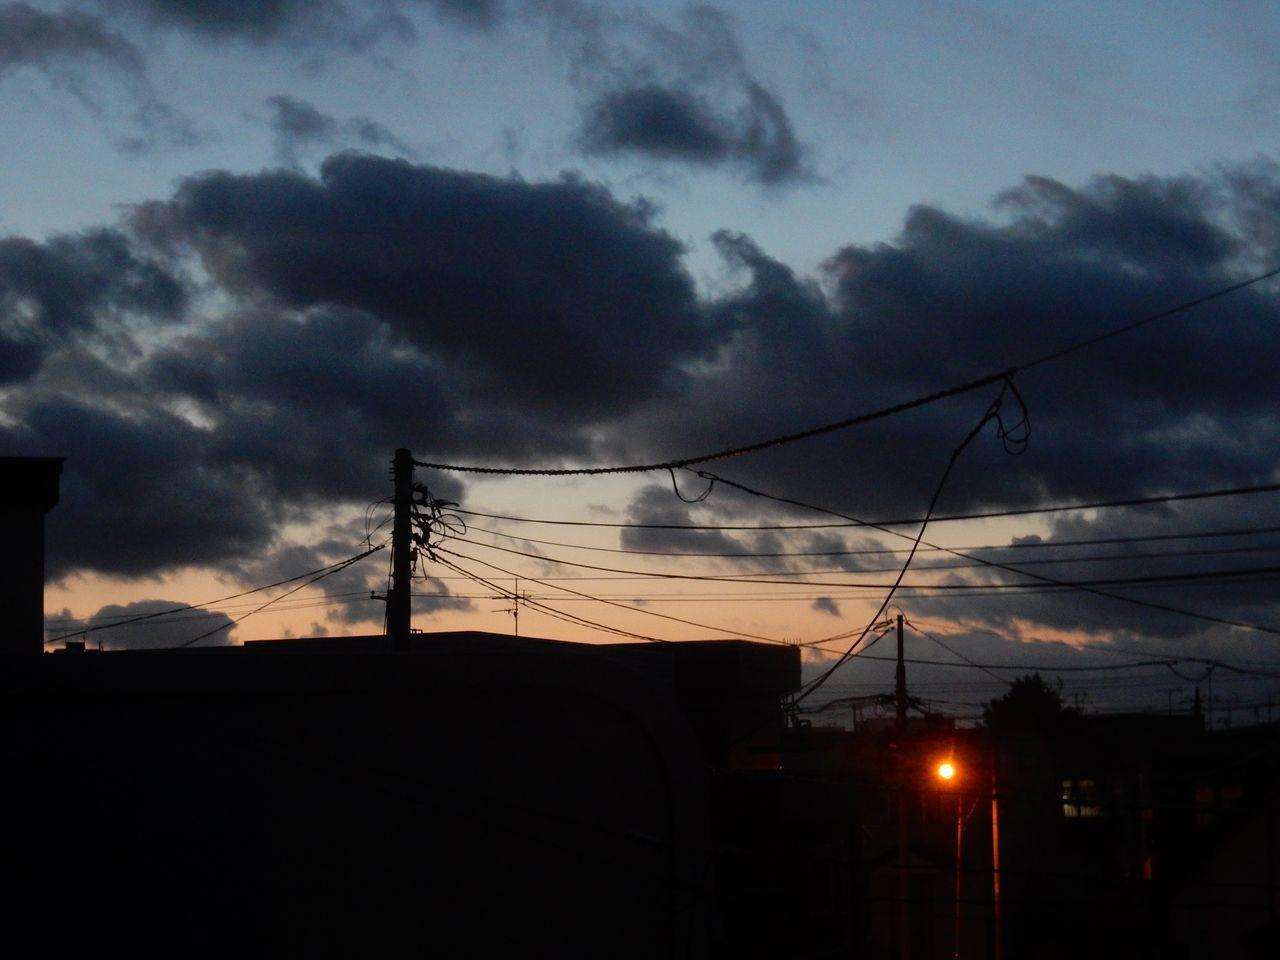 嵐が去ってストロベリー・ムーンのおぼろ月_c0025115_21380002.jpg